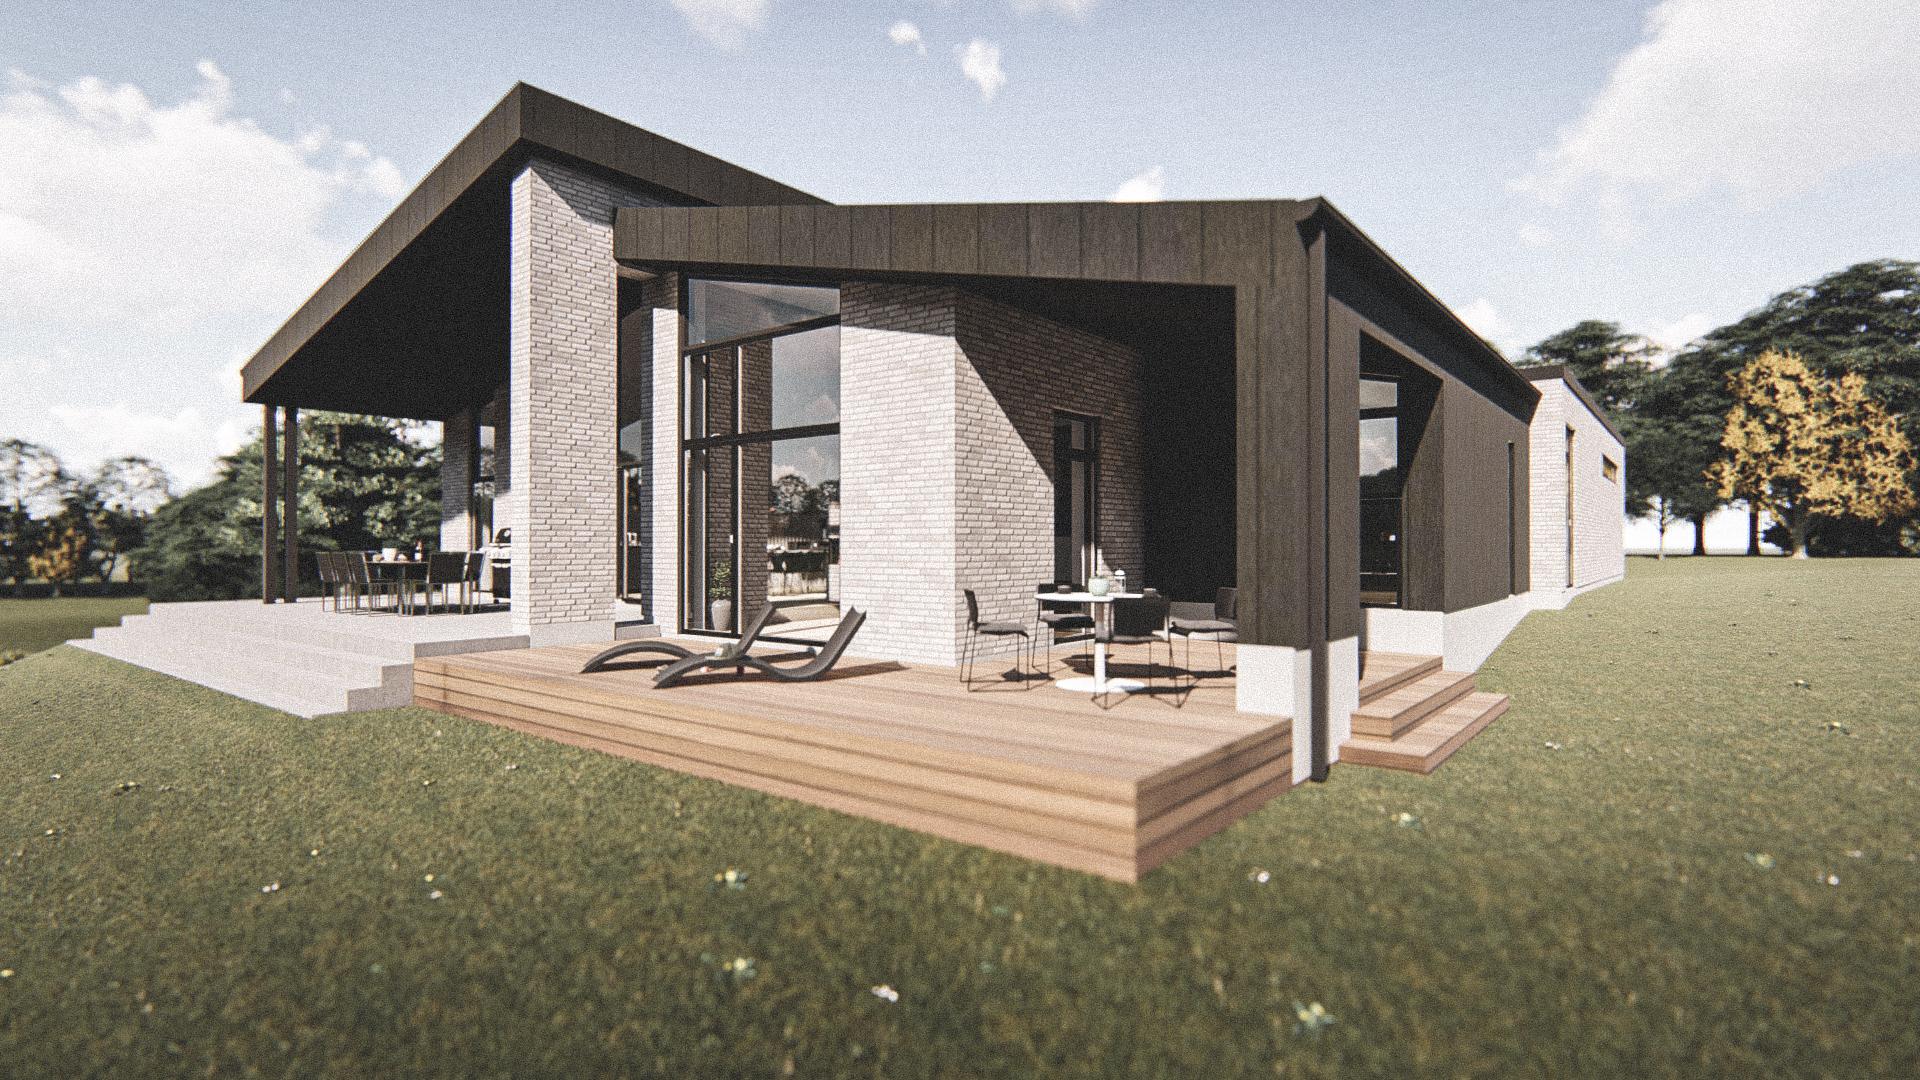 Billede af Dansk arkitekttegnet 1 plan villa af arkitektfirmaet m2plus, i Vestbjerg på 220 kvartratmeter.